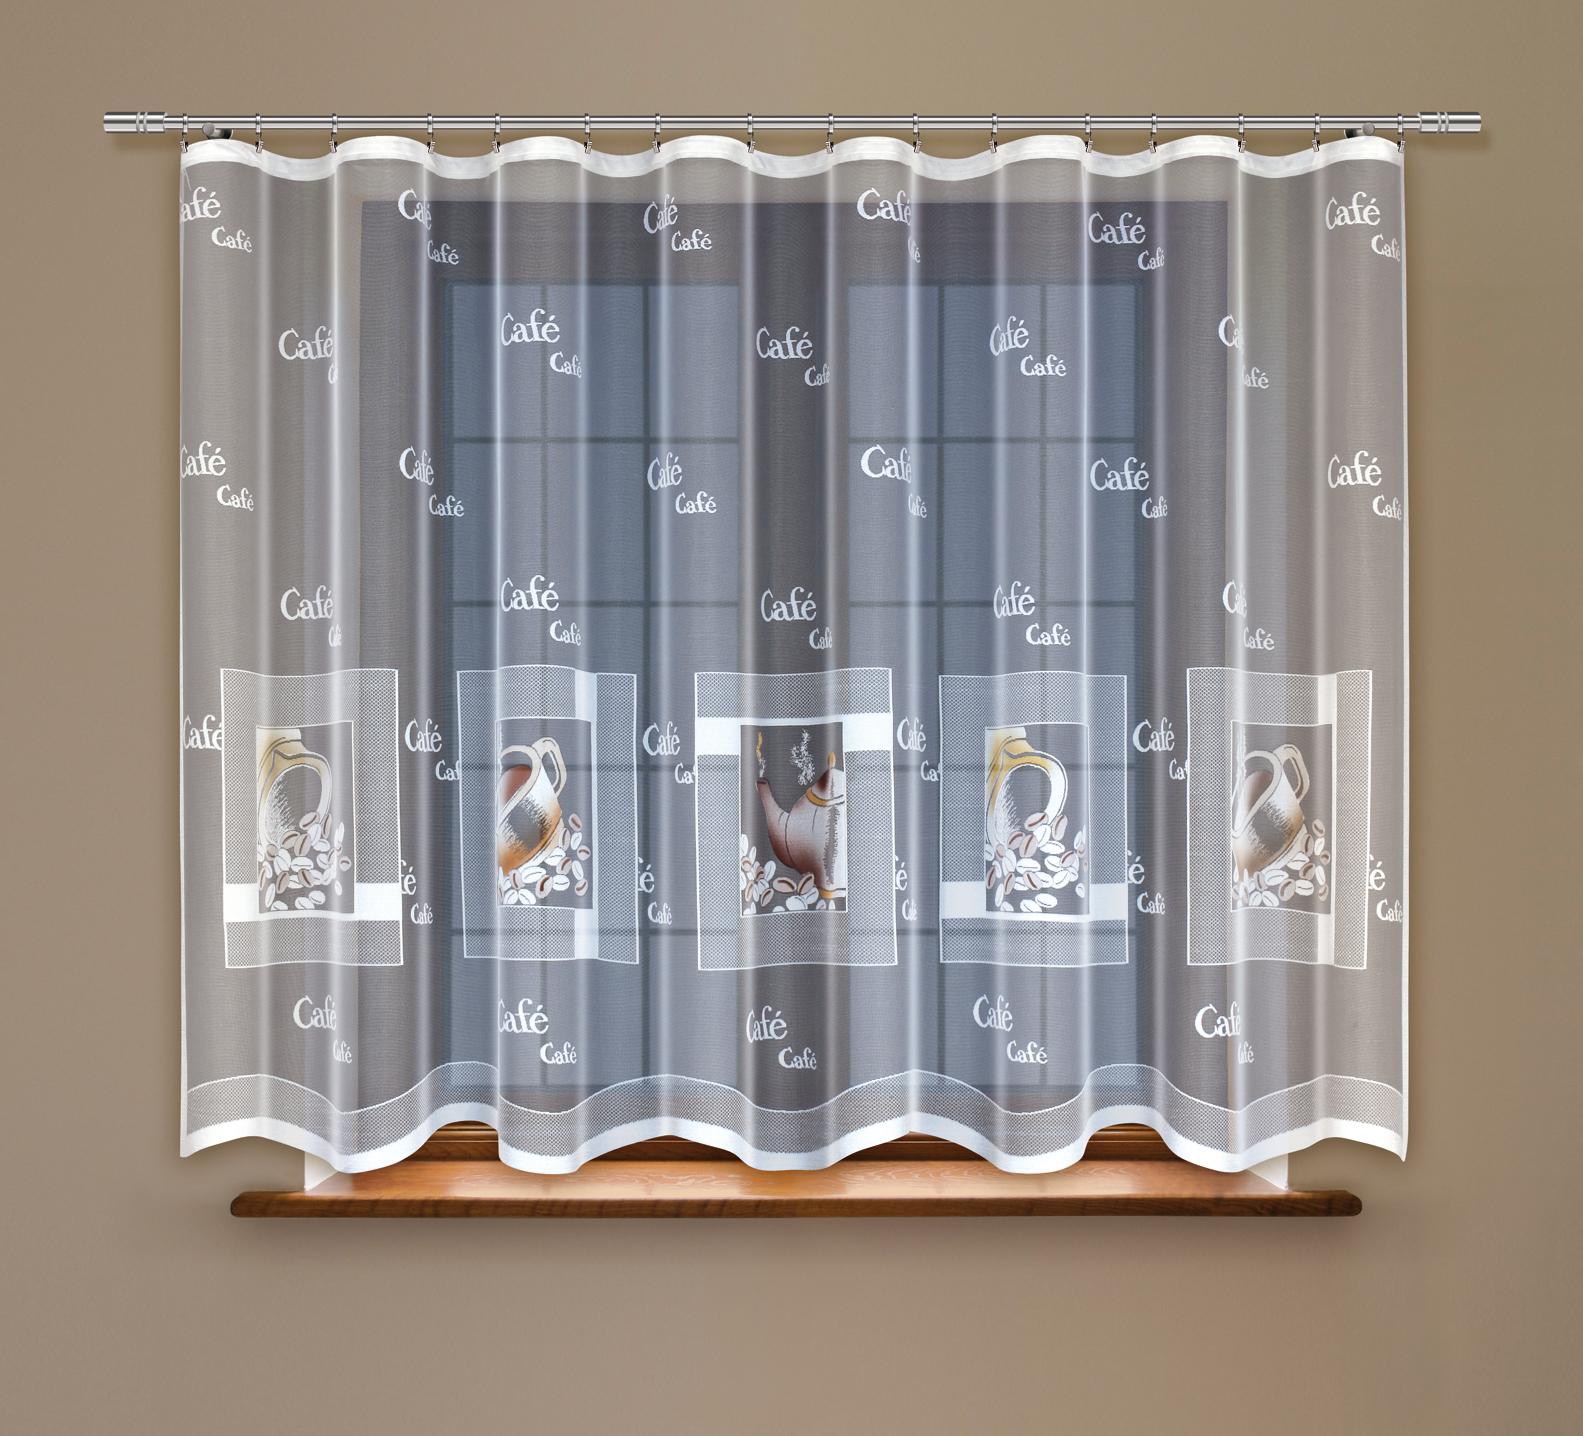 Гардина Haft, на ленте, цвет: белый, высота 160 см. 219160/160219160/160Жаккардовая гардина Haft, выполненная из полиэстера, великолепно украсит любое окно. Изделие имеет оригинальный дизайн и органично впишется в интерьер помещения.Гардина крепится на карниз при помощи шторной ленты.